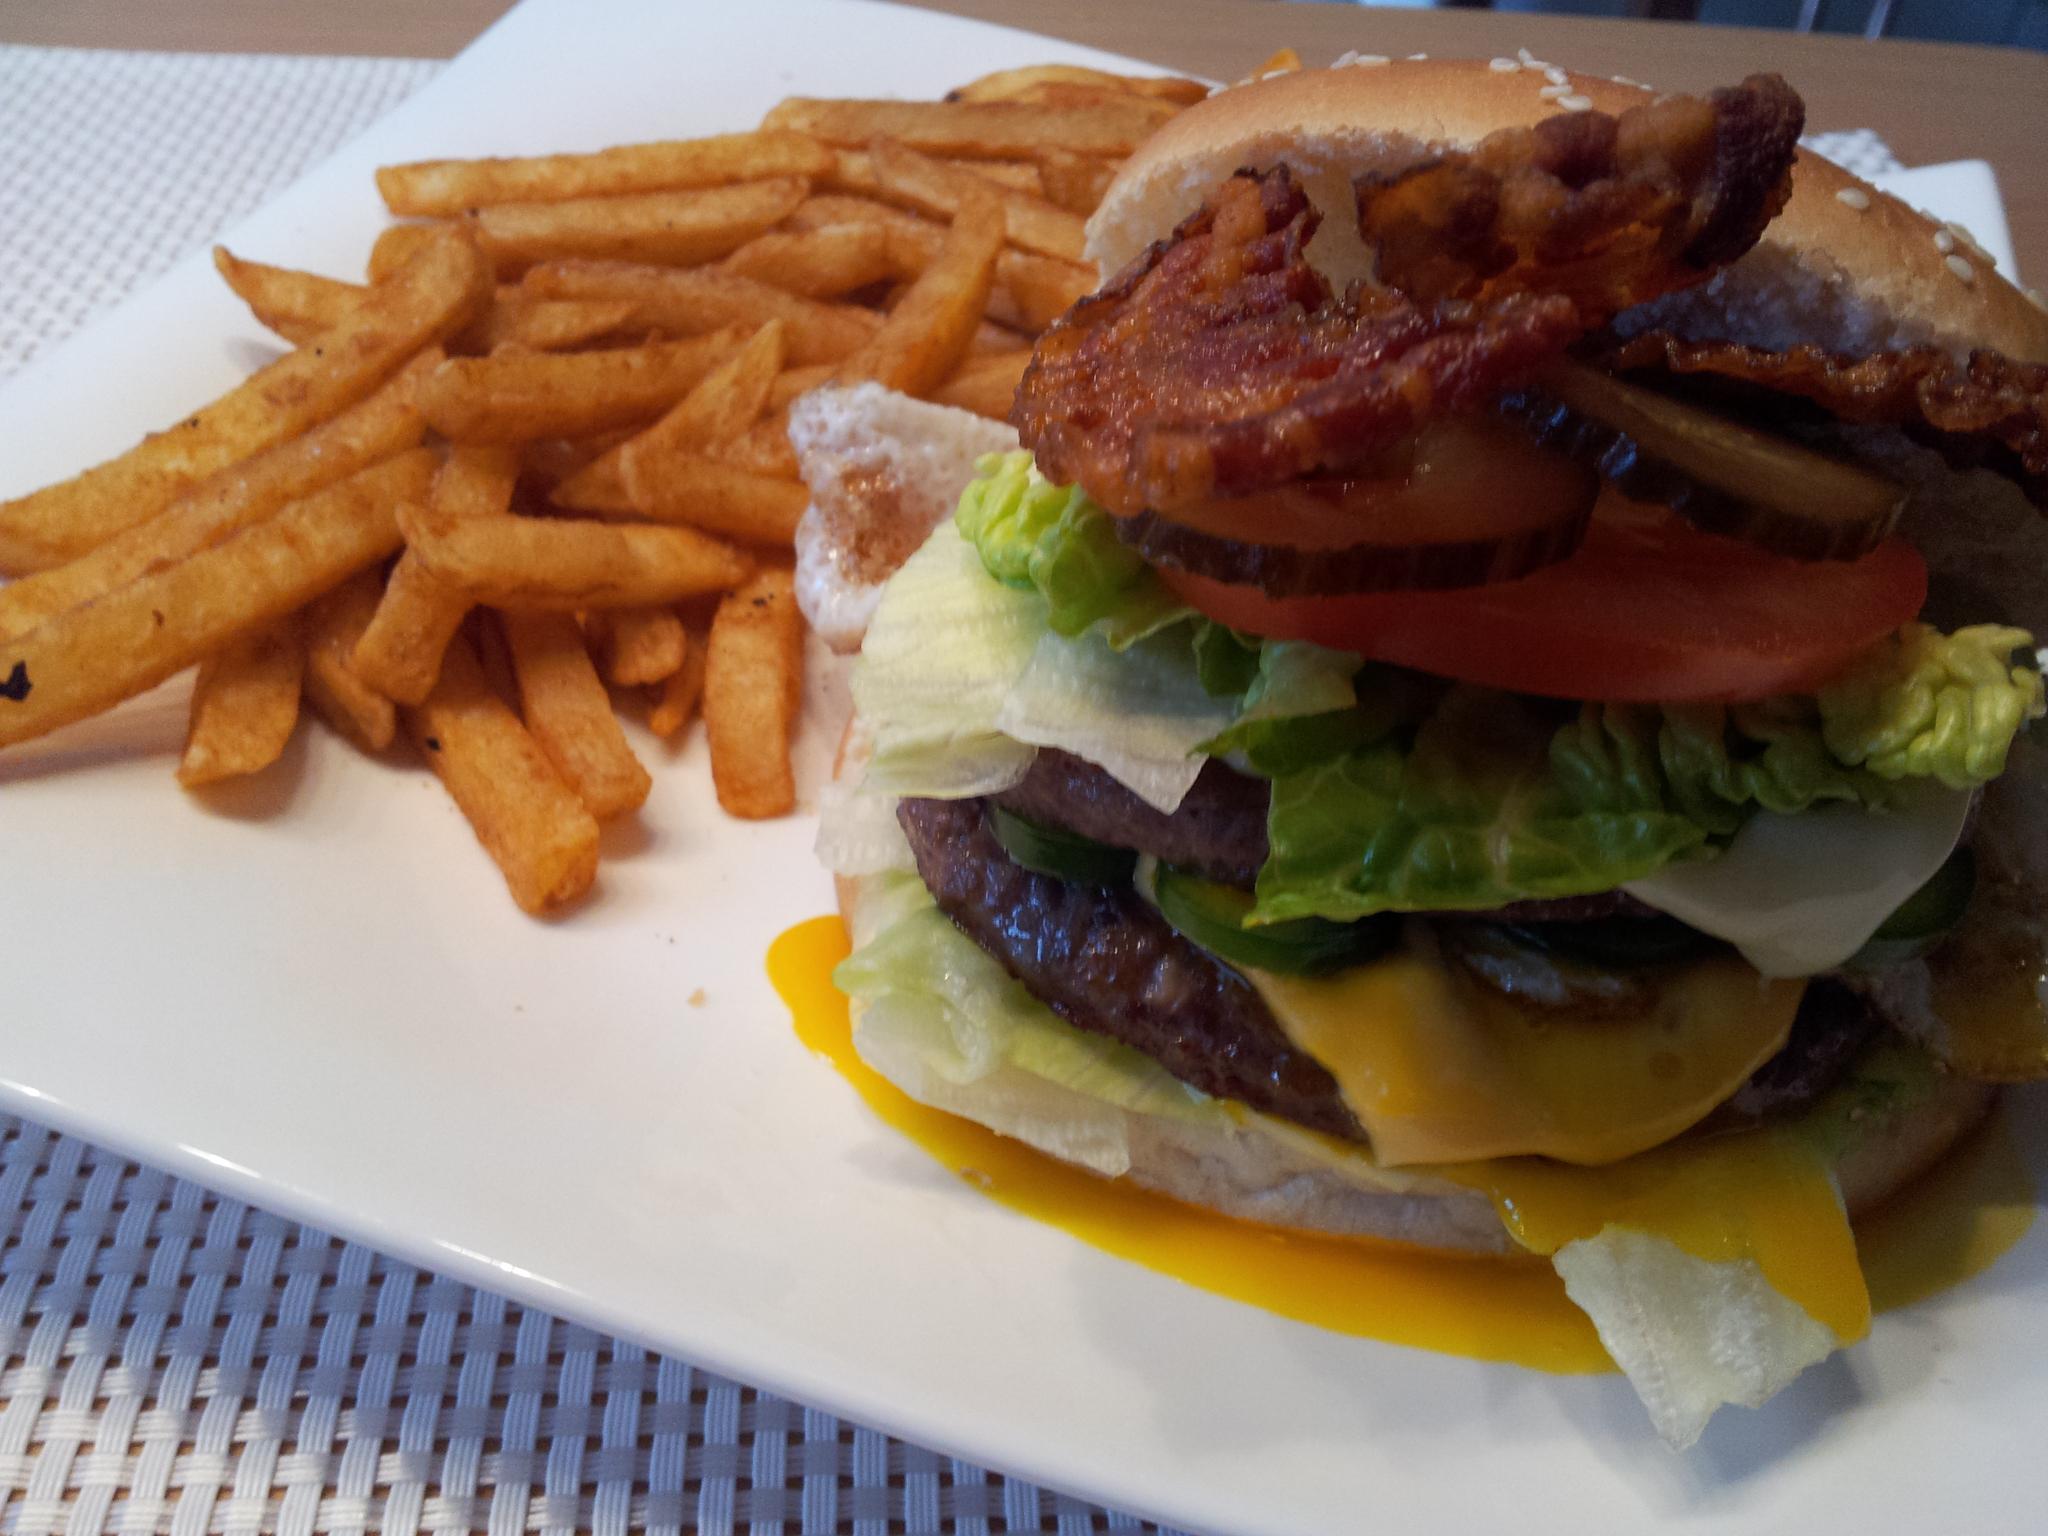 https://foodloader.net/Holz_2014-10-17_Selbstgemachter_rautek_Burger_2.jpg